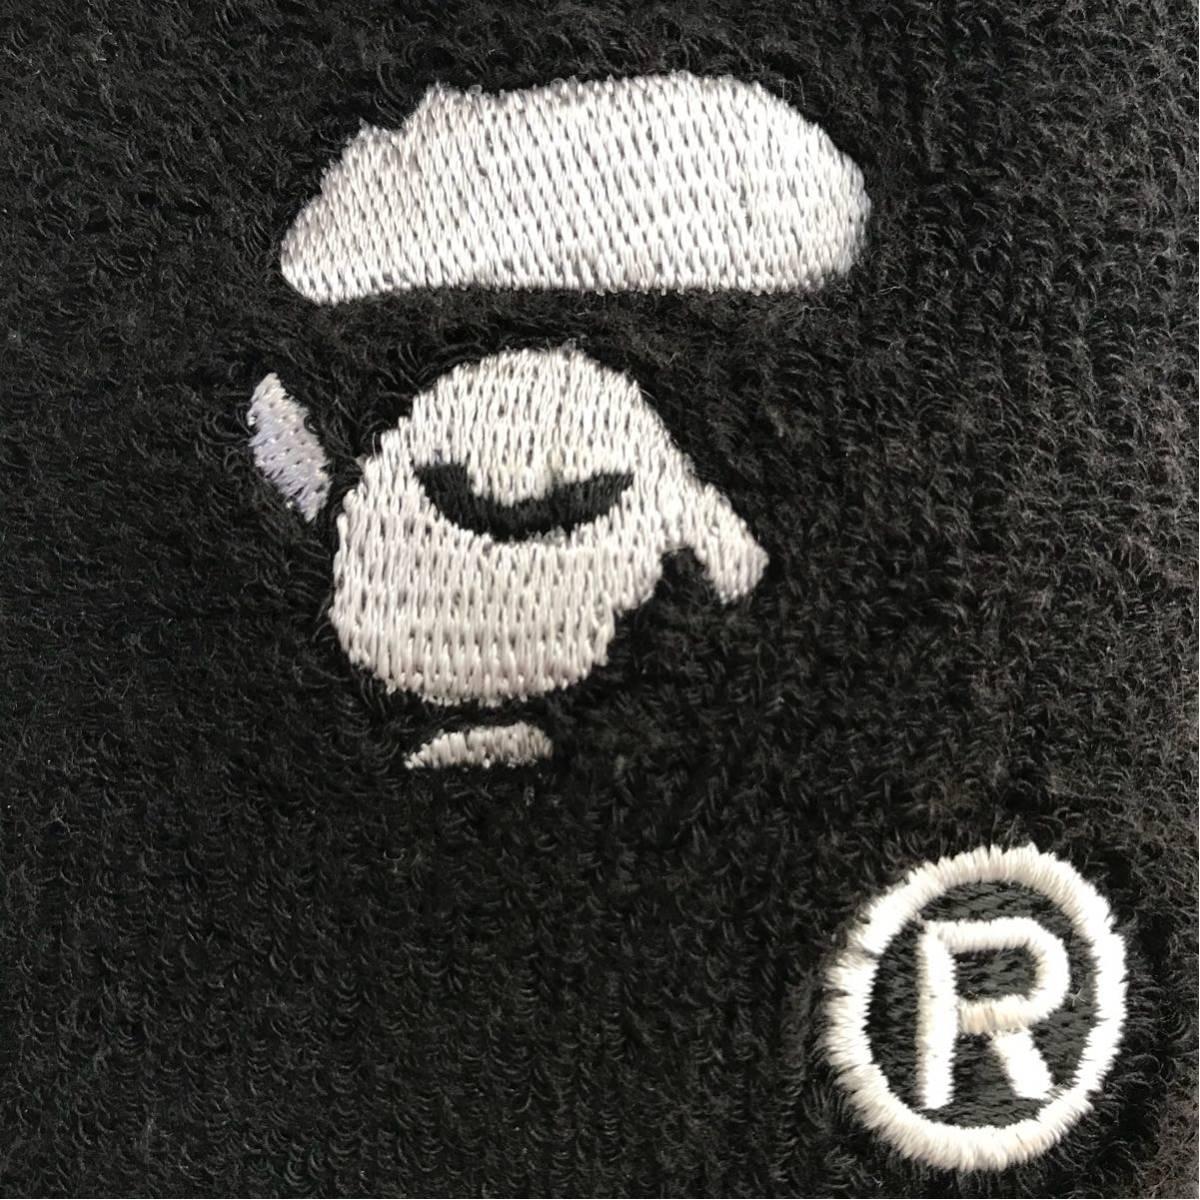 ★レア★ リストバンド バスケットボール a bathing ape bape face basketball エイプ ベイプ アベイシングエイプ バスケ NBA ブラック